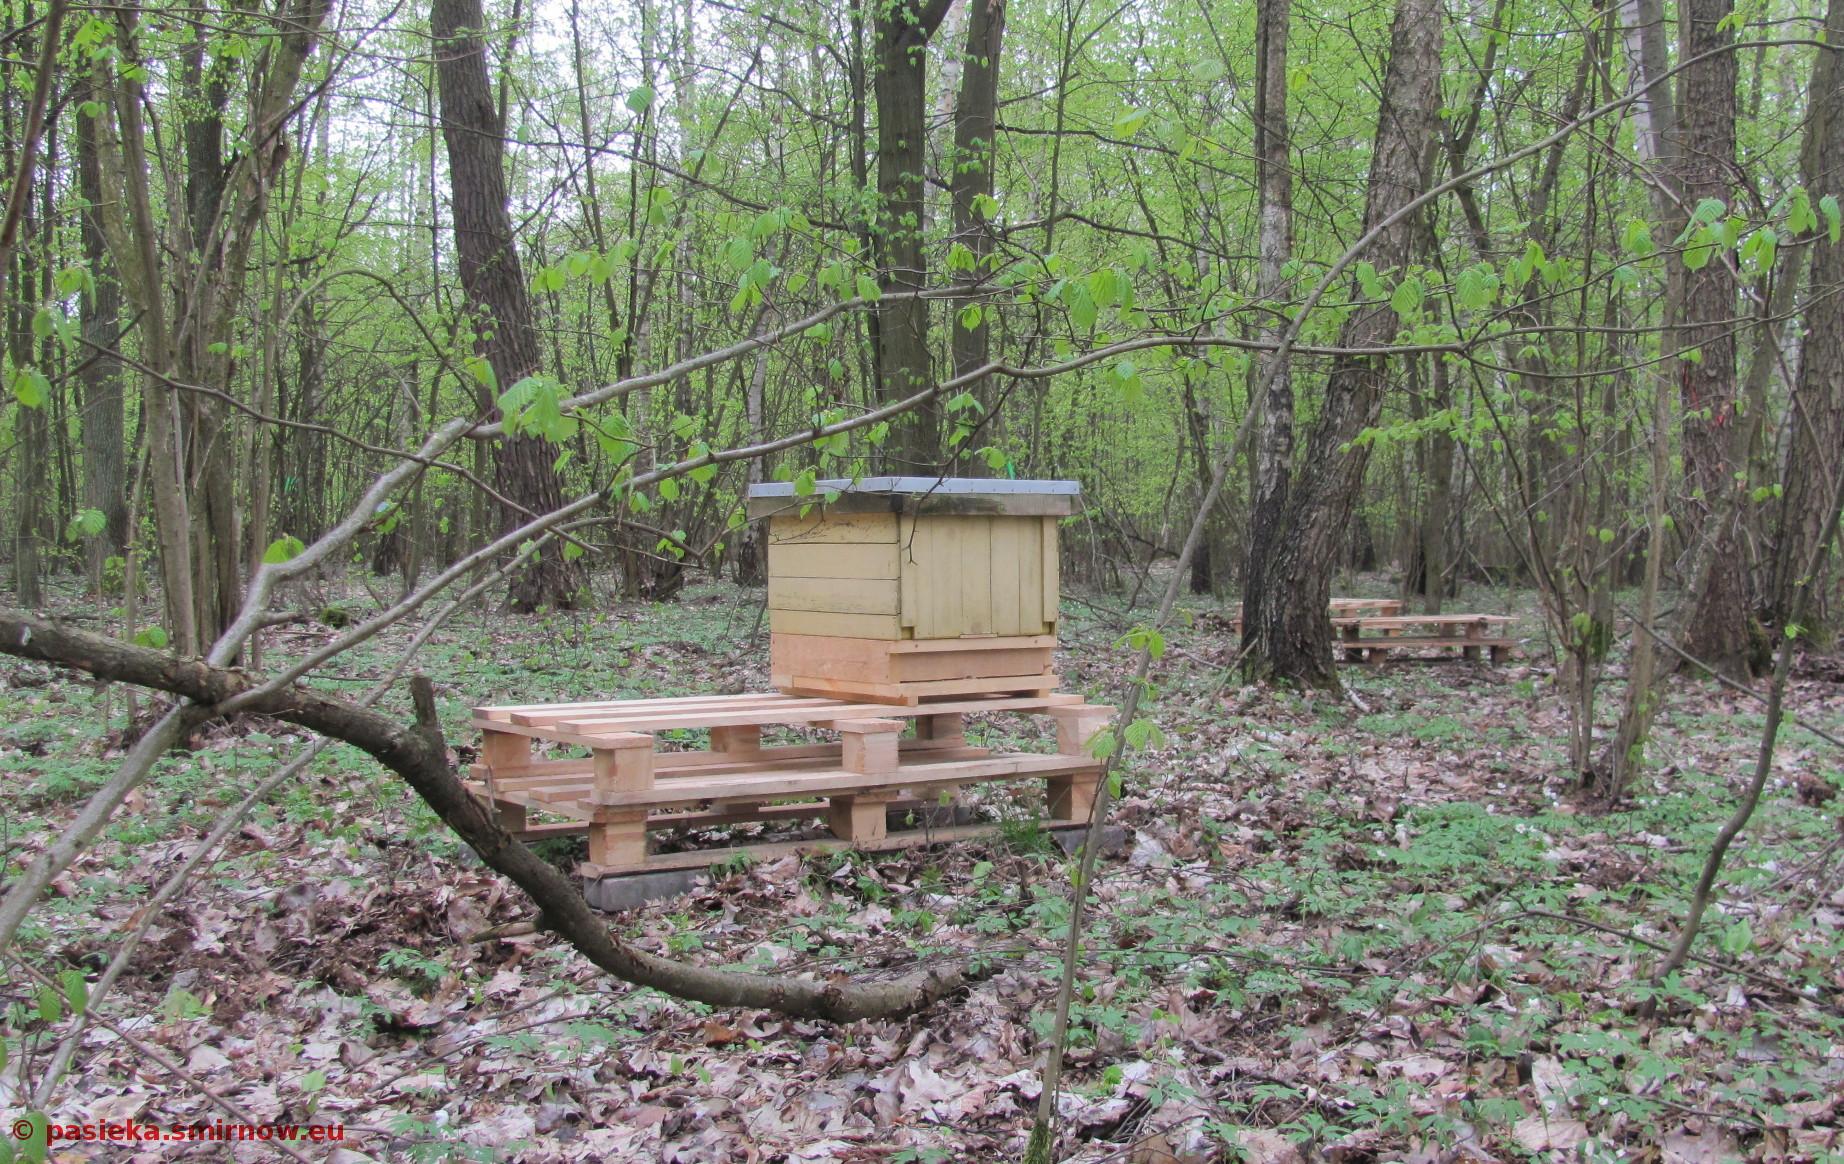 Pusty ul czeka na swoje pszczoły